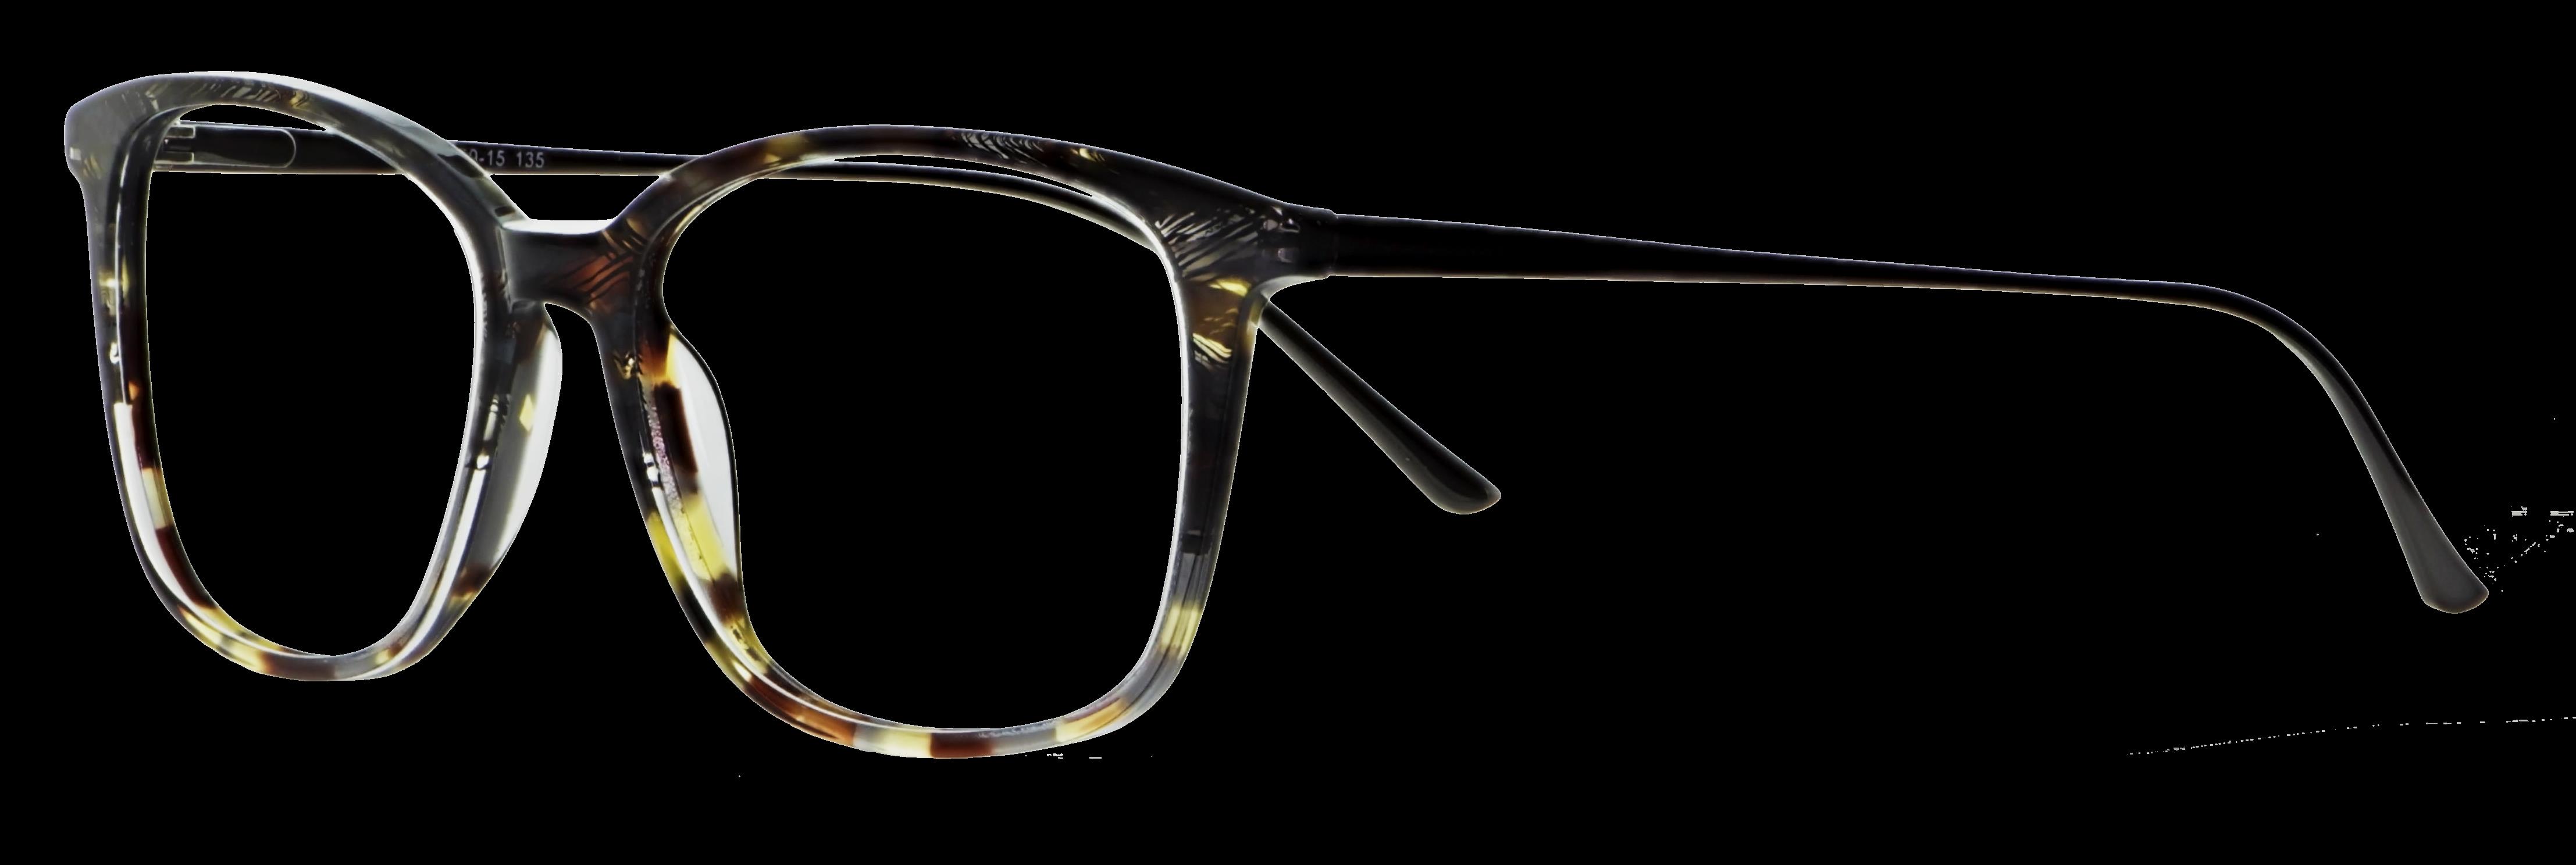 abele optik Brille 138711